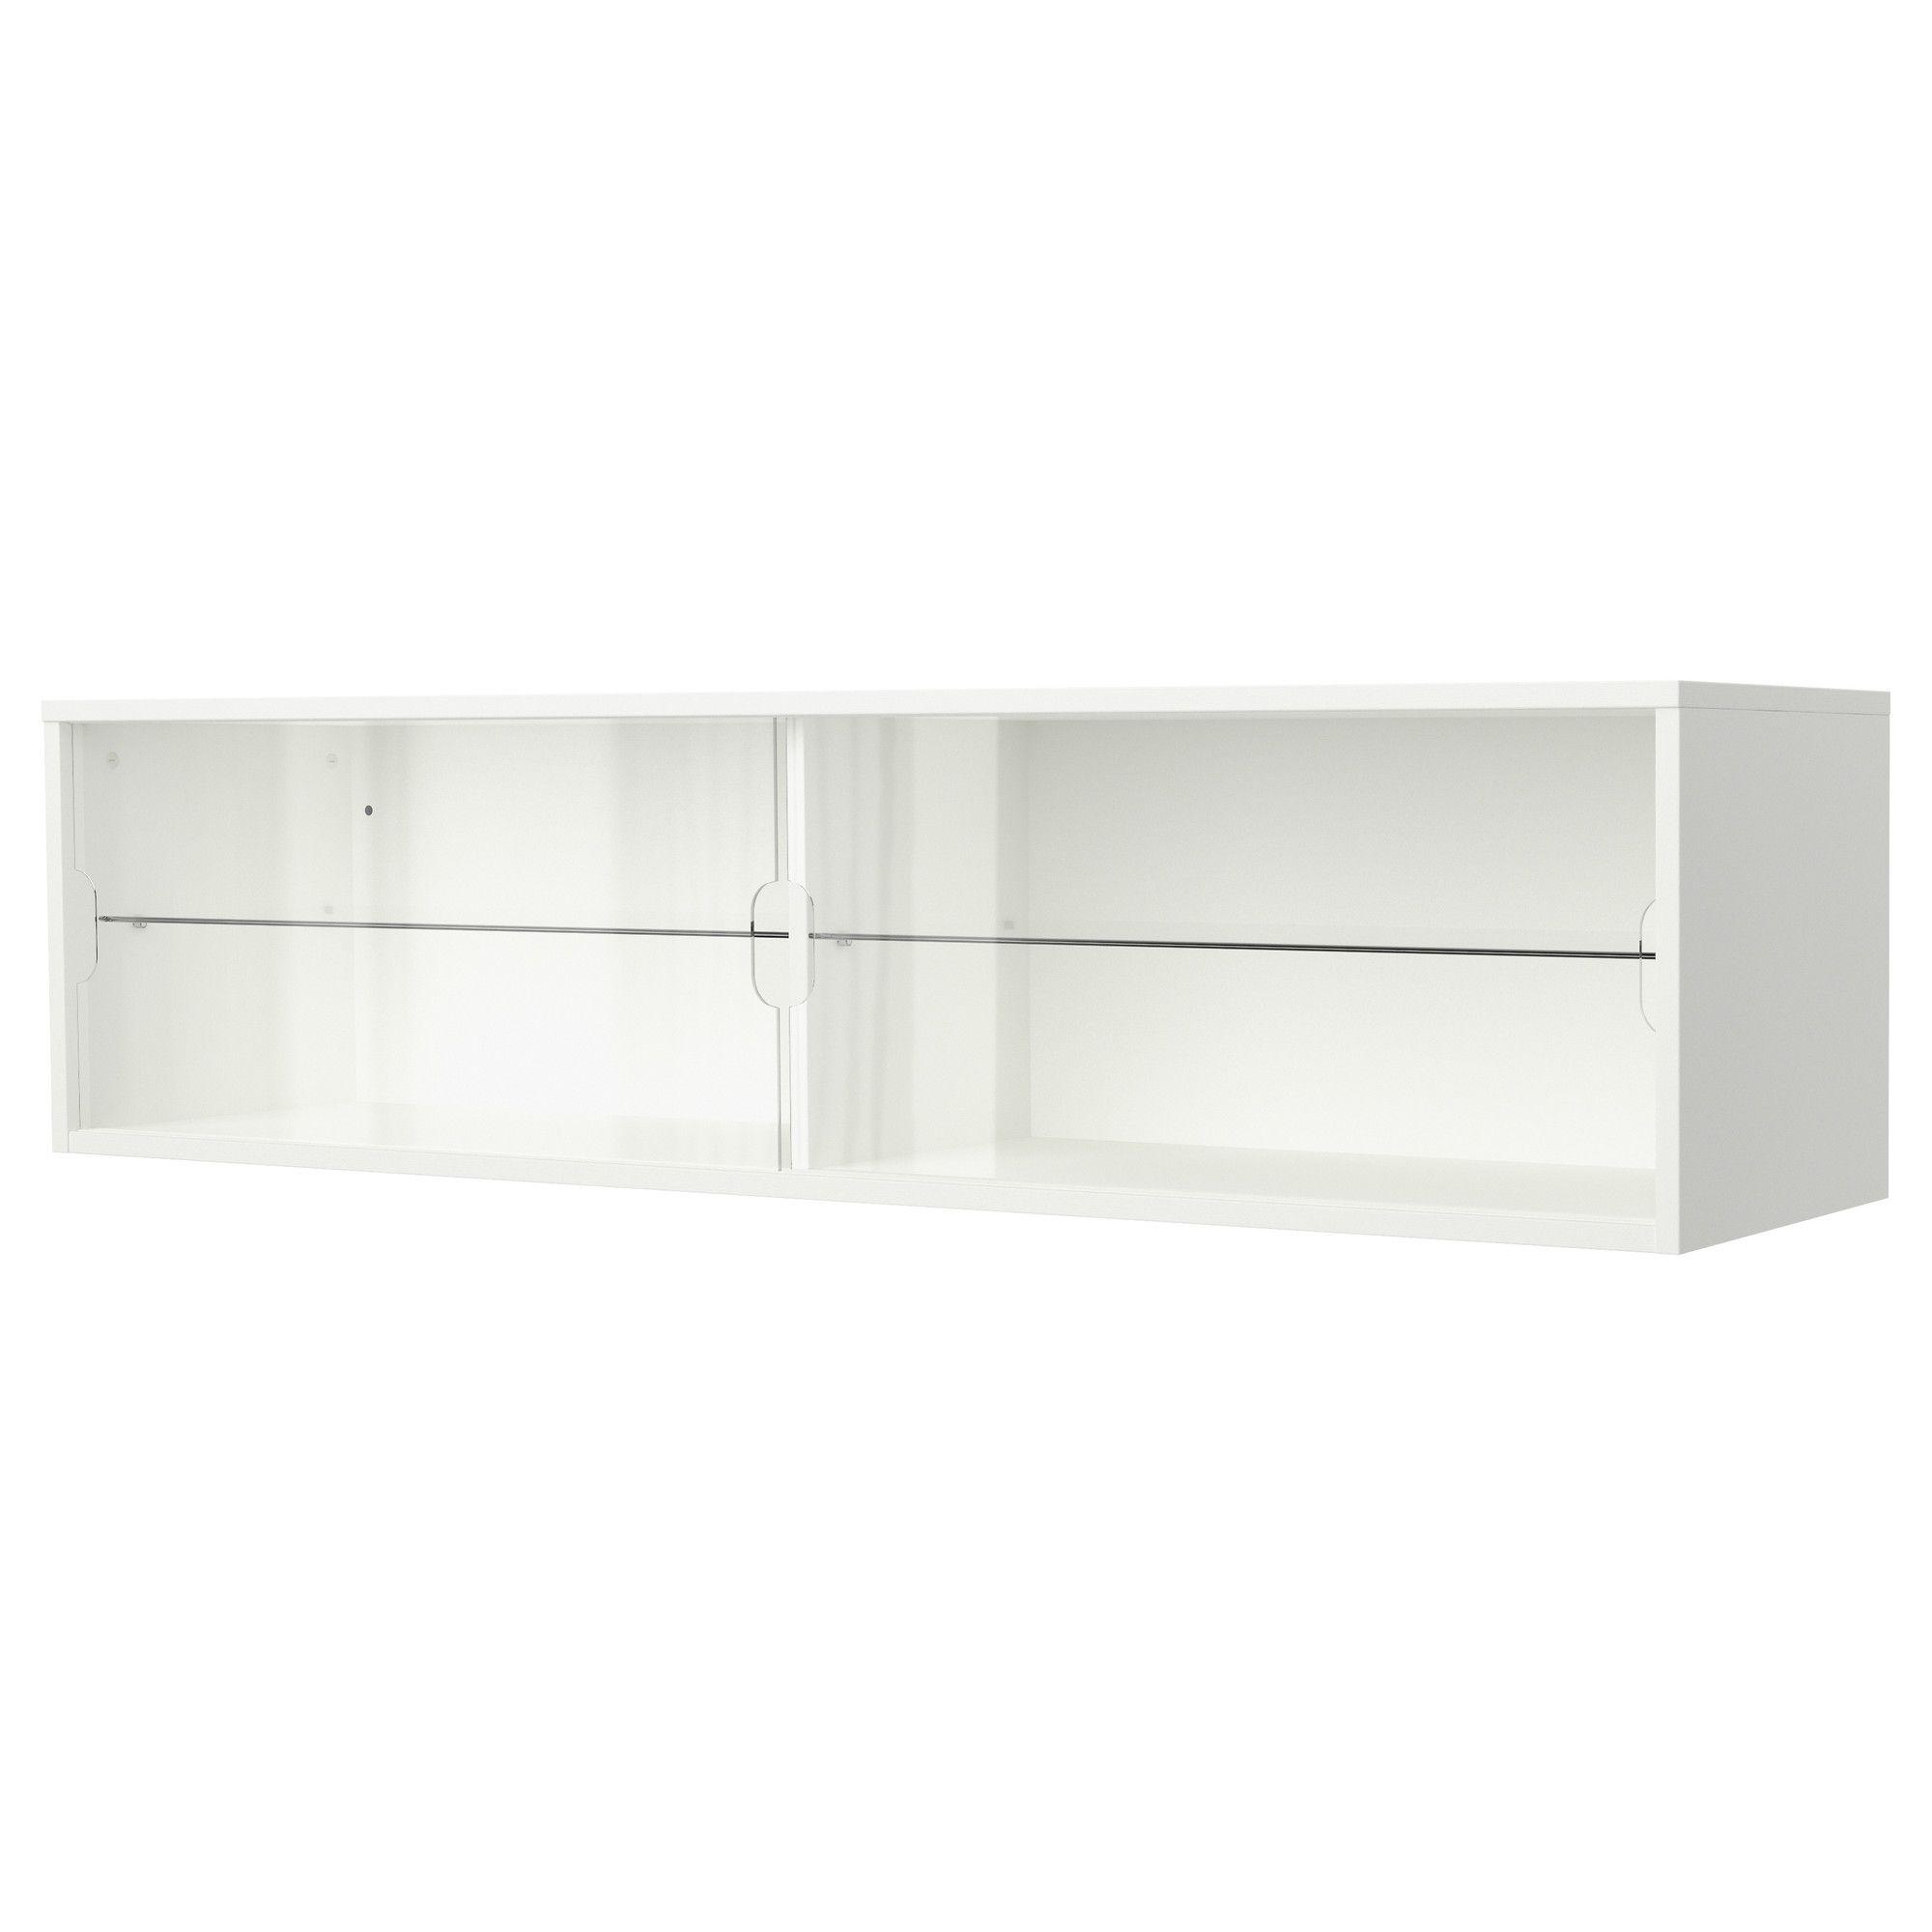 Adesivo Para Azulejo De Cozinha Pastilha ~ GALANT Armário parede portas deslizantes branco IKEA ME Pinterest Ikea, Armário e Paredes